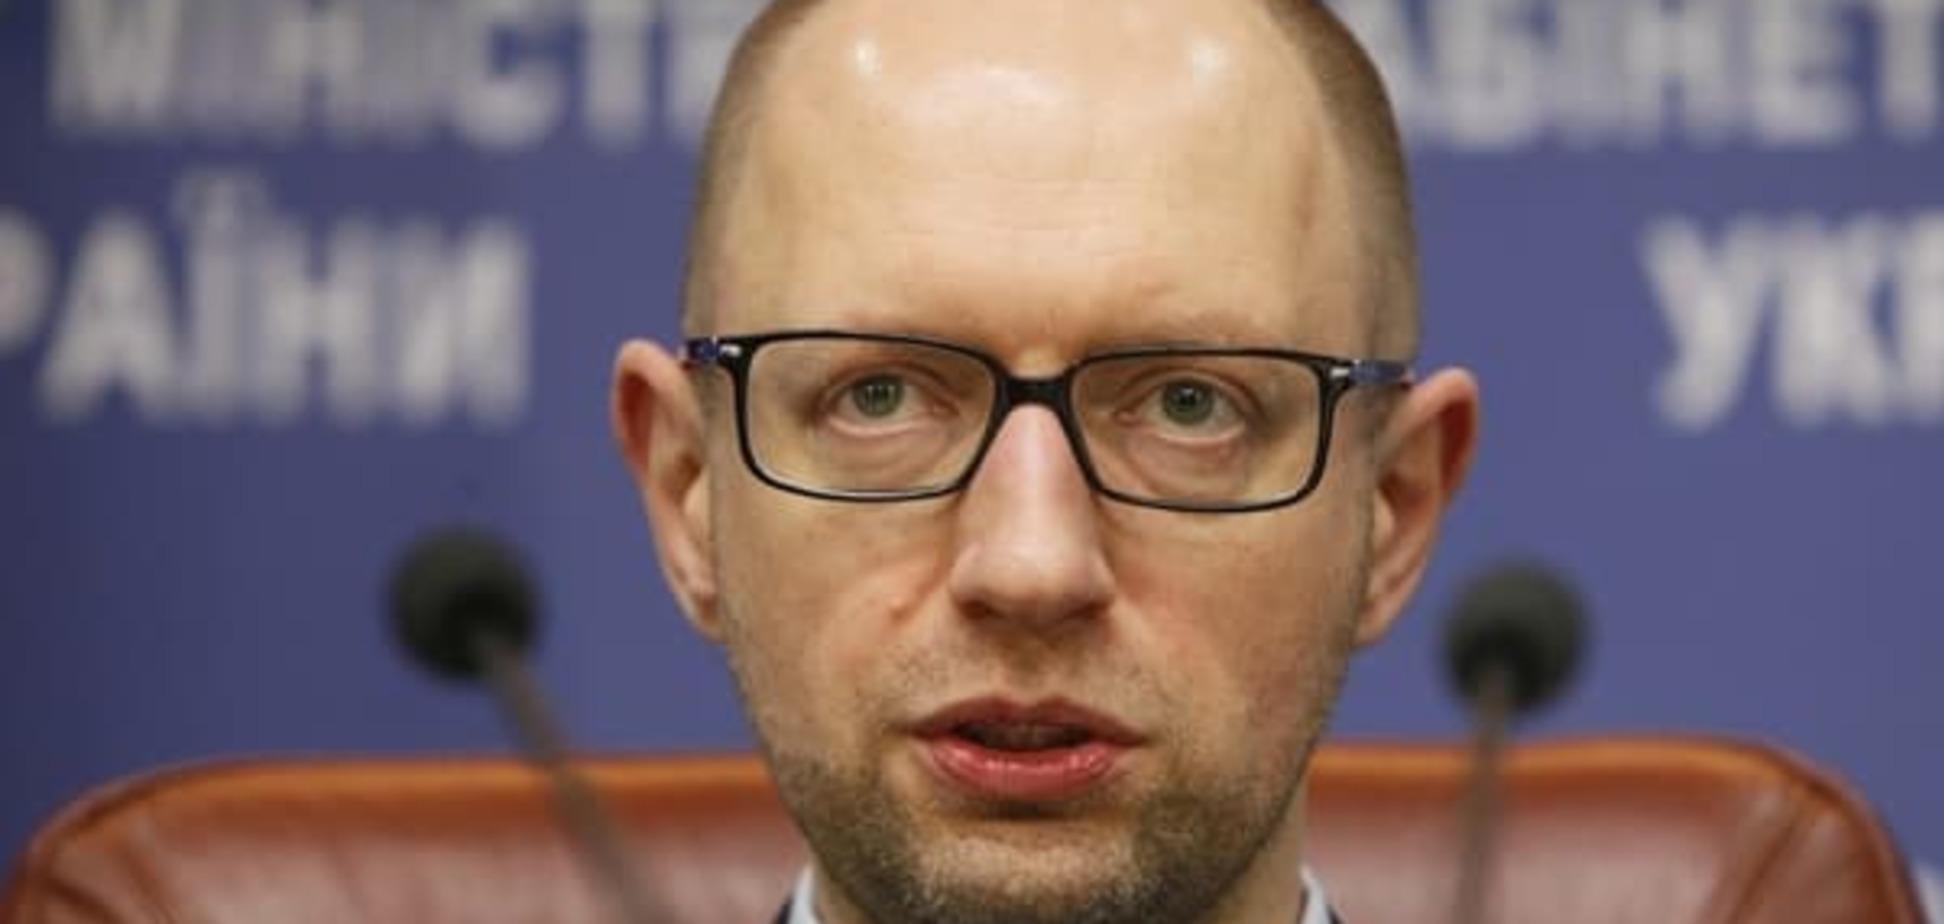 Україна представить свої результати розслідування катастрофи Boeing - Яценюк